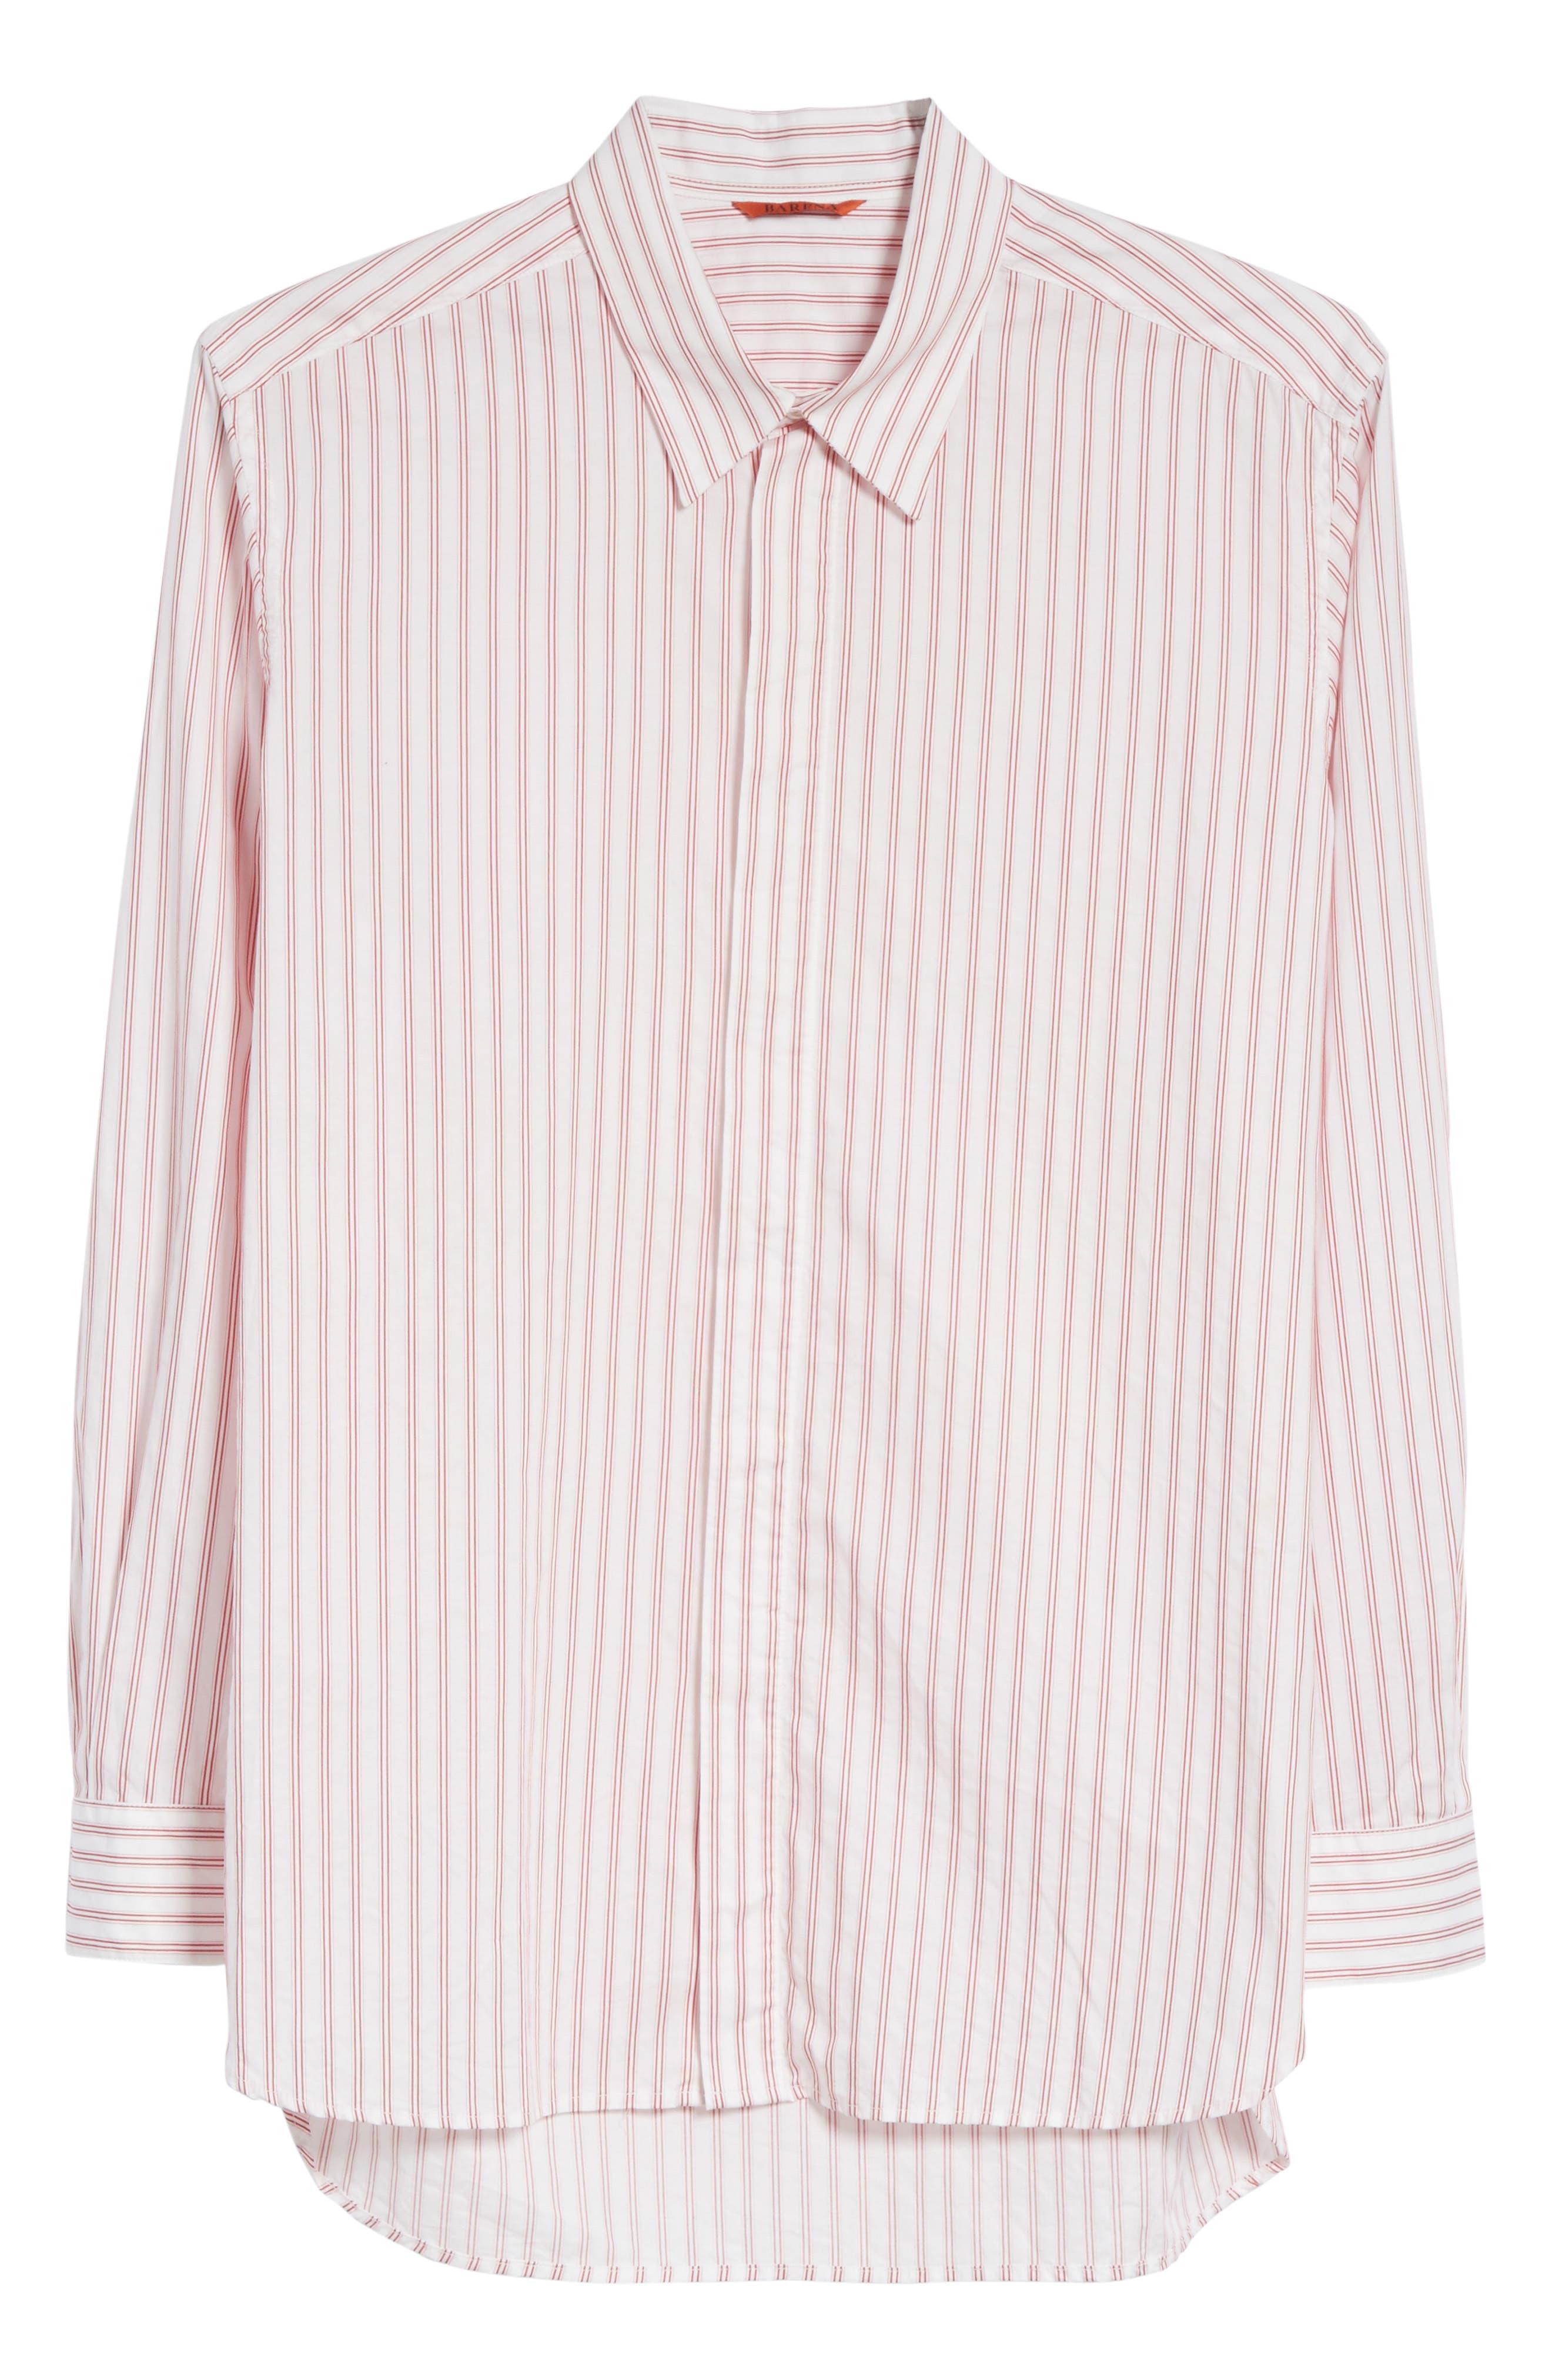 Aega Striped Sport Shirt,                             Alternate thumbnail 6, color,                             110